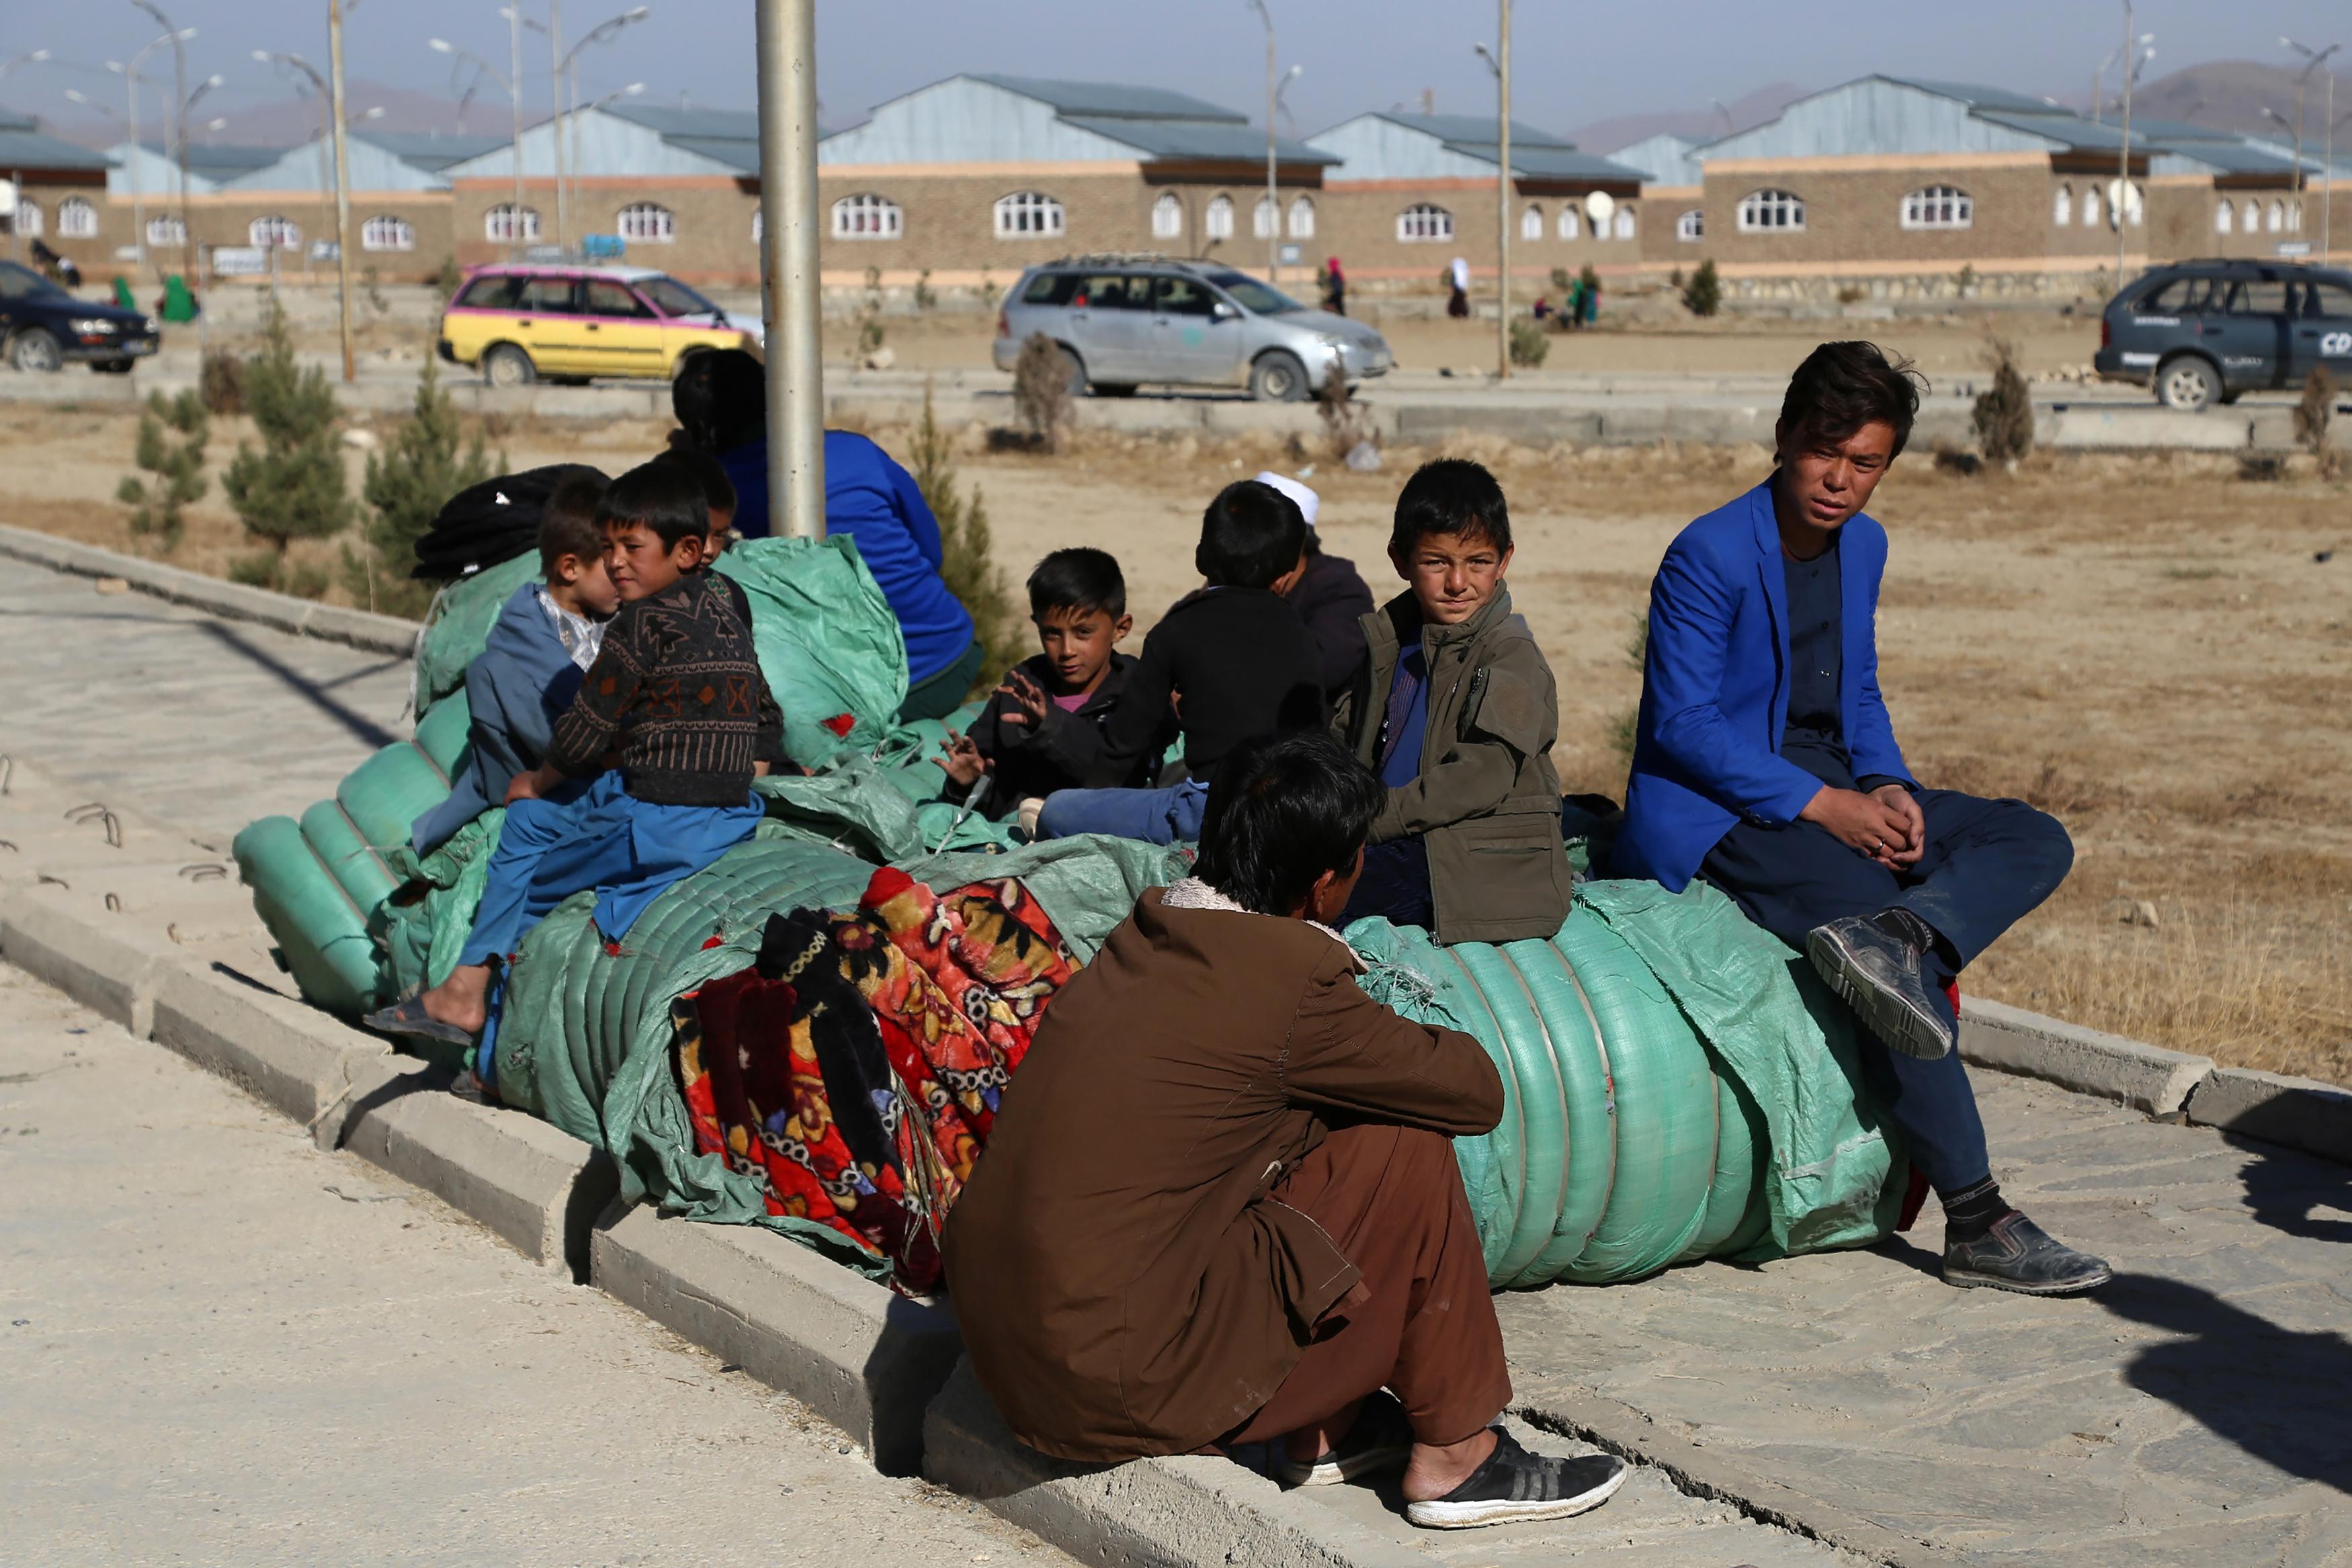 افغان ها از «وحشت مطلق» از خشونت طالبان در ولایت غزنی فرار می کنند